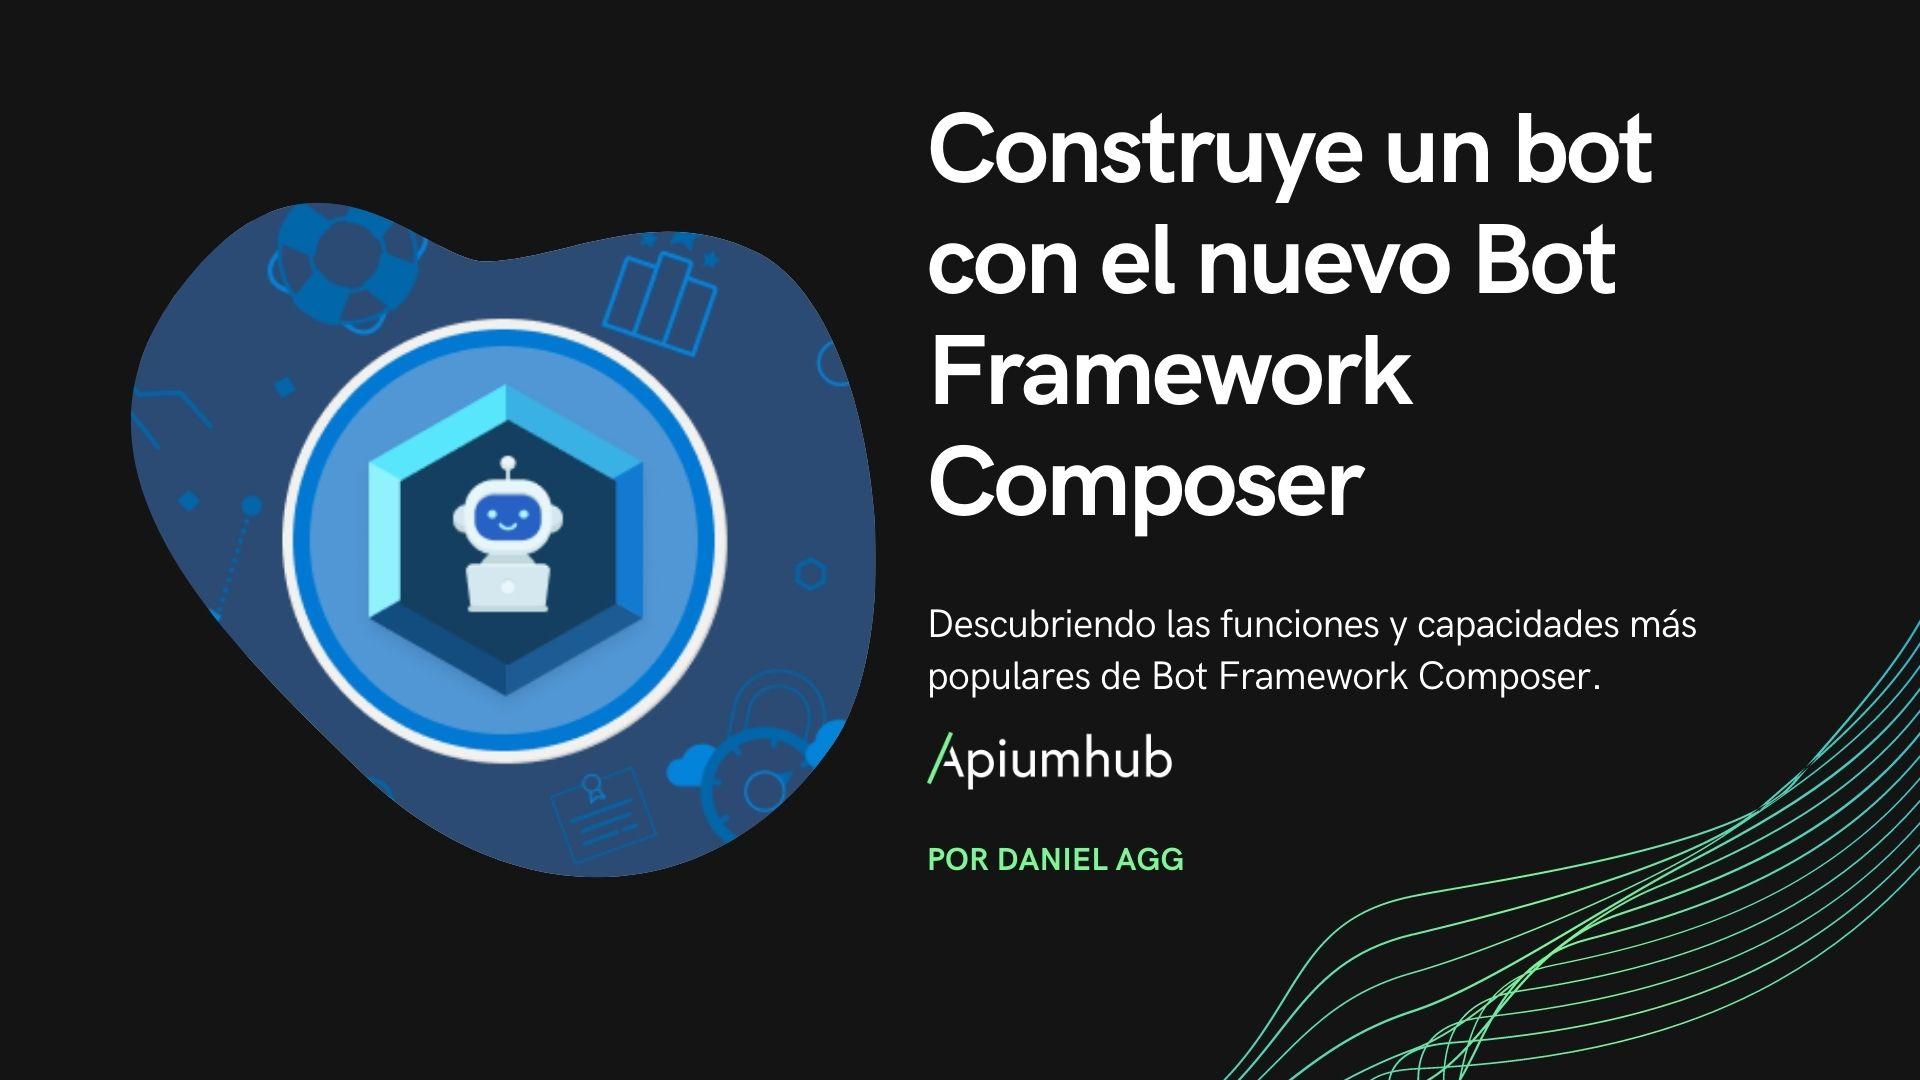 Construye un bot con el nuevo Bot Framework Composer